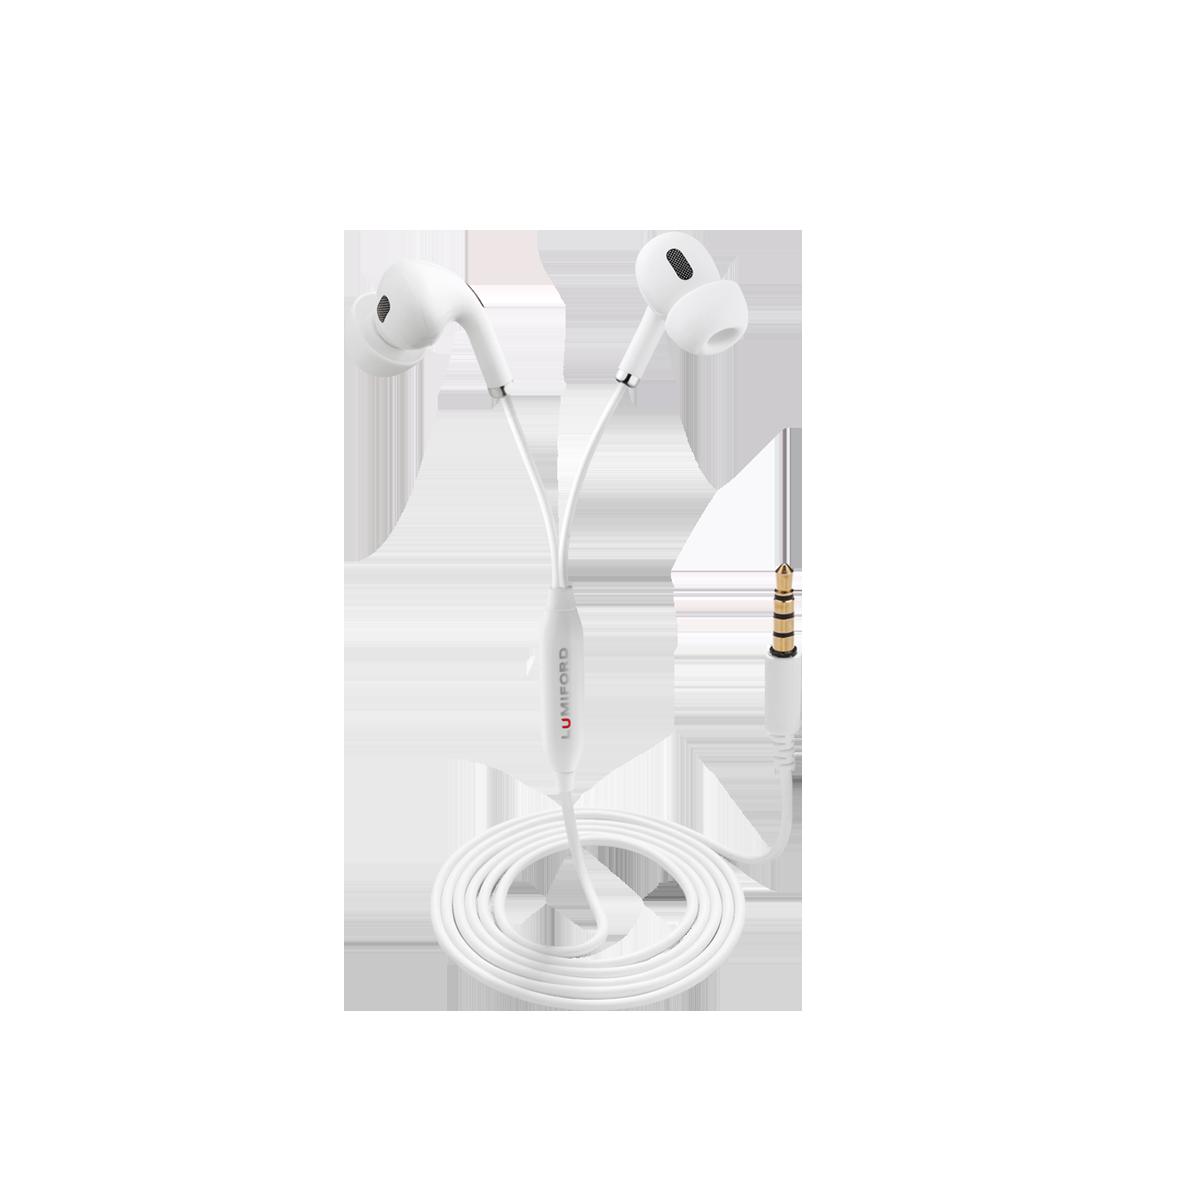 LUMIFORD U50 in-Ear Wired Earphones